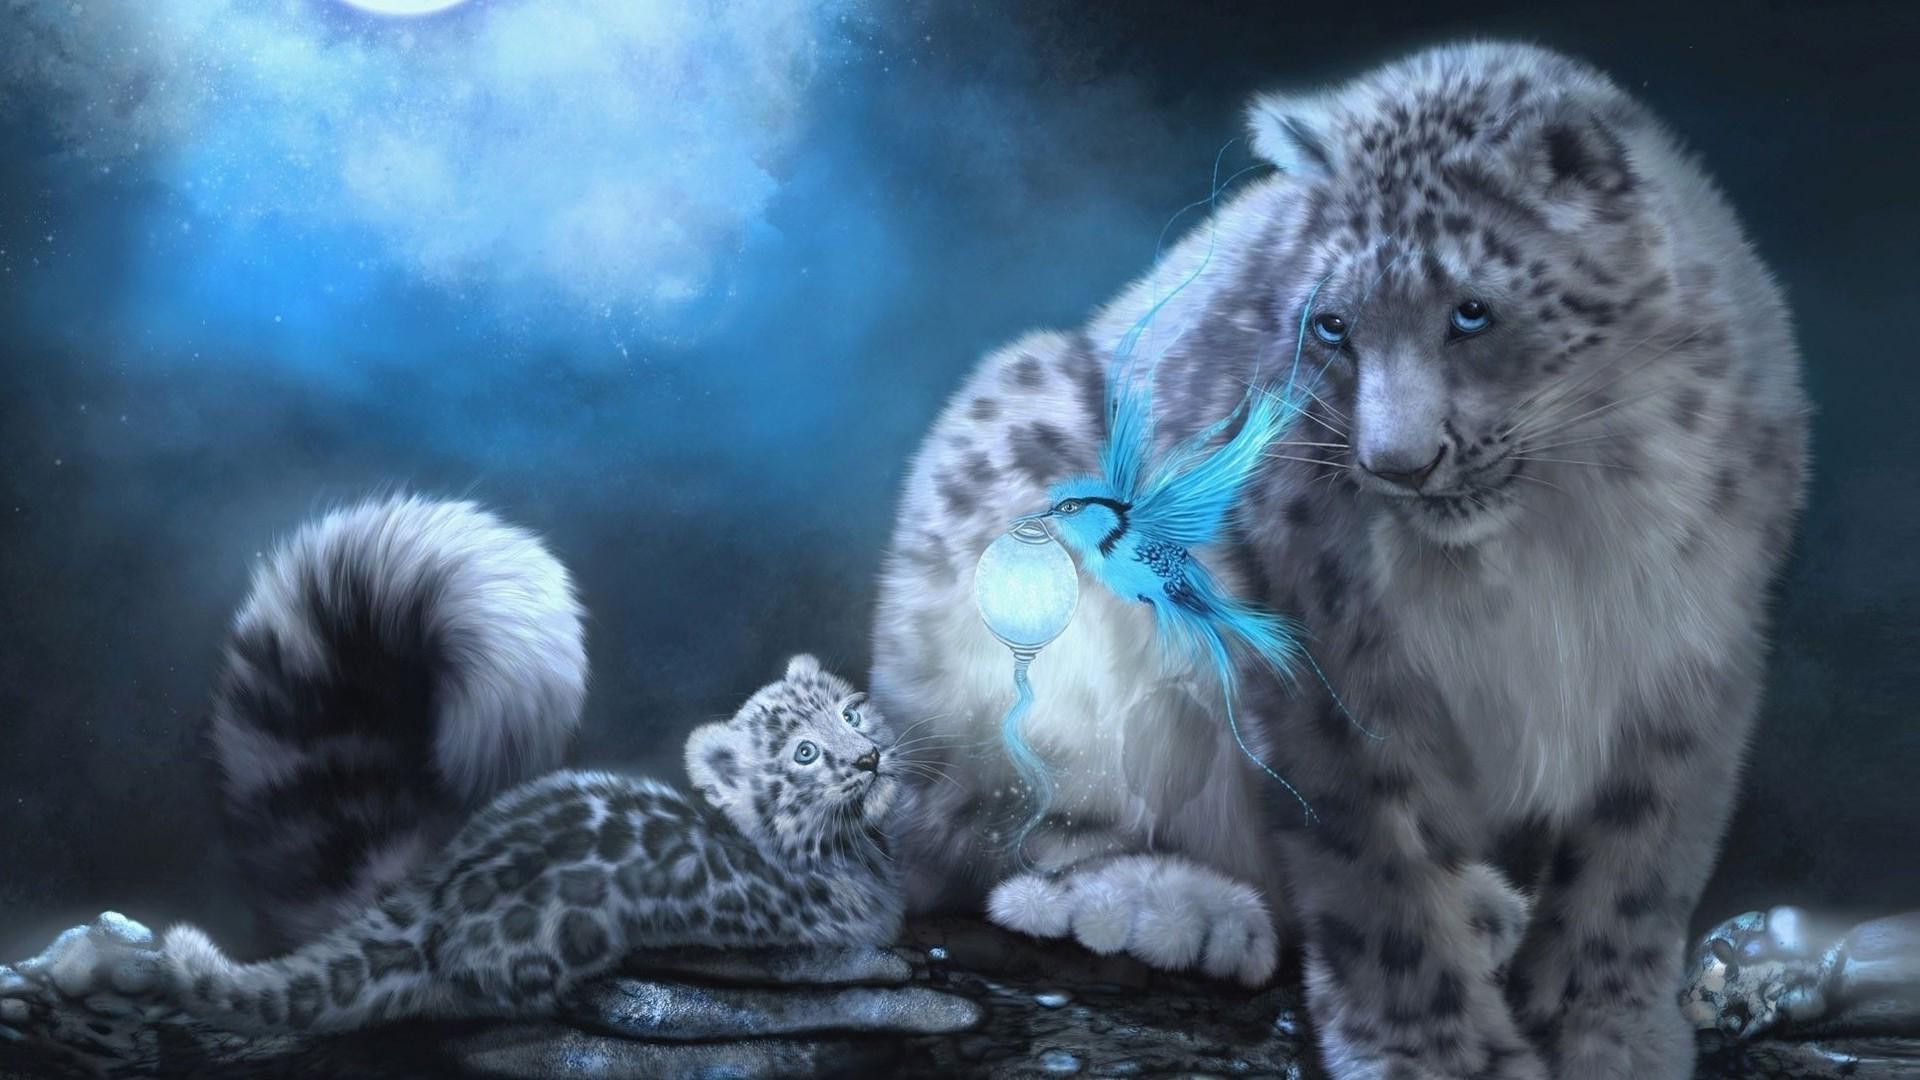 Статусы фэнтези гифы природа звери